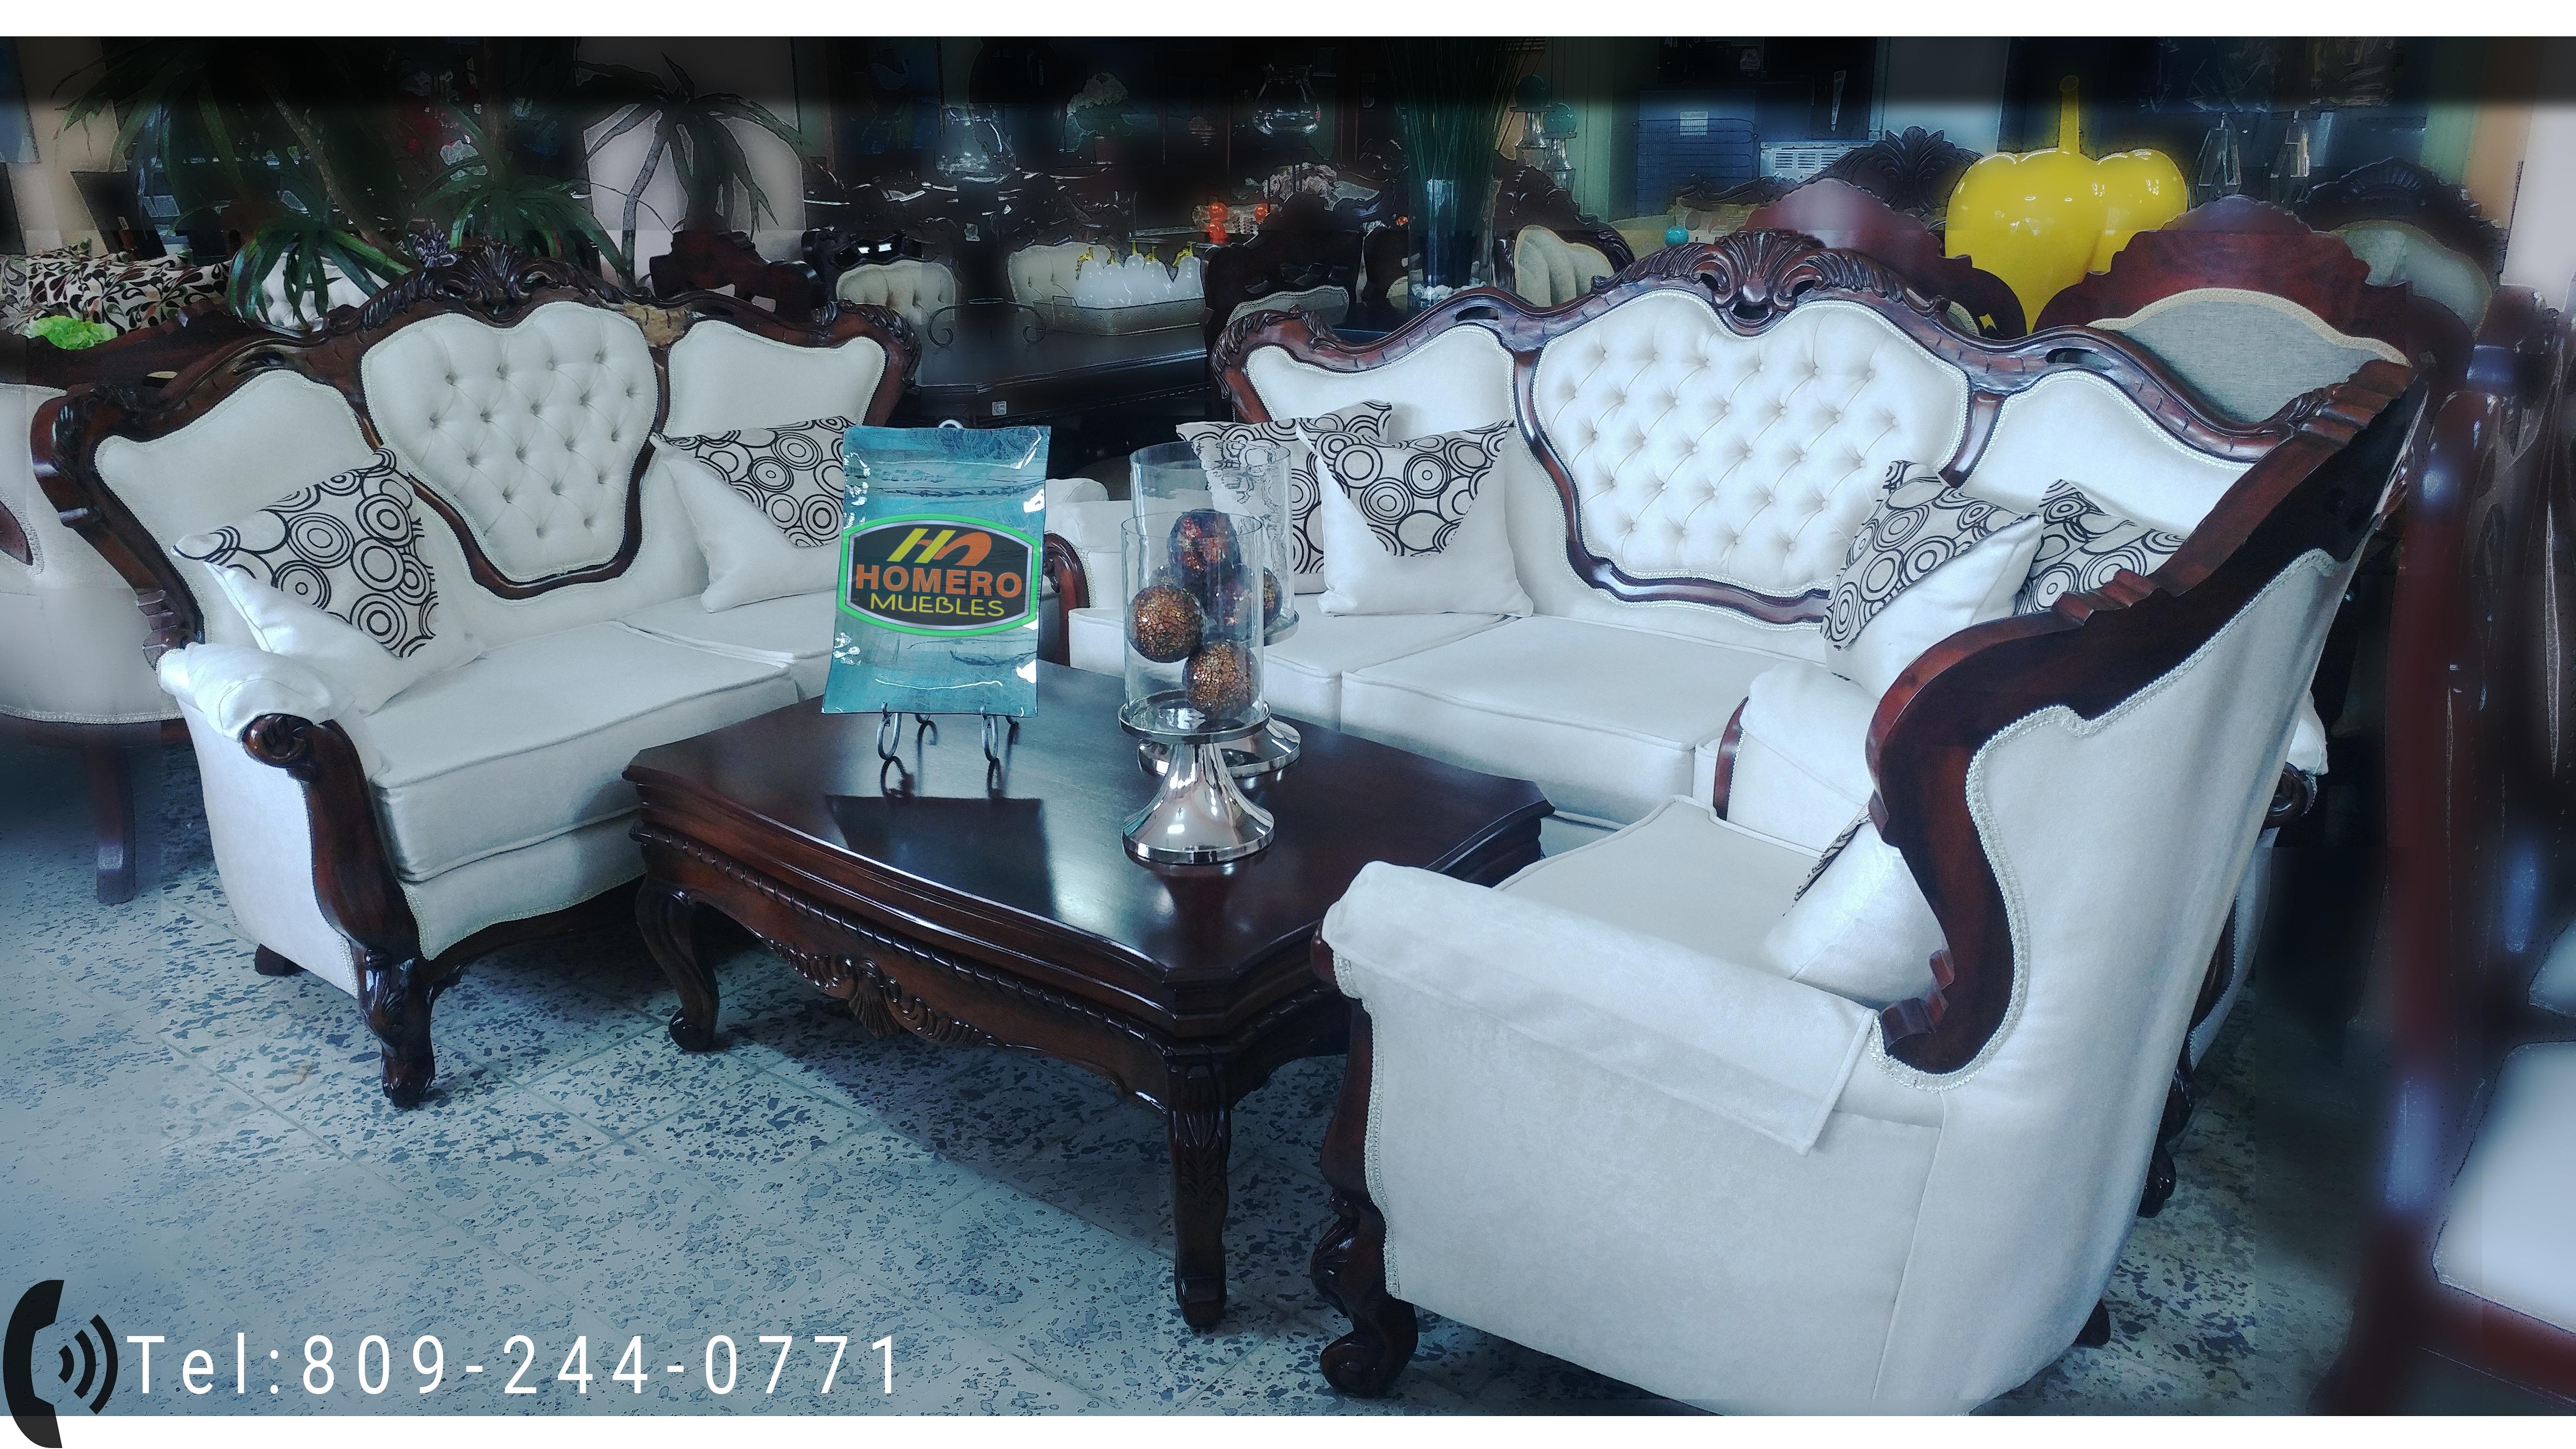 Homero Muebles Juego De Mueble En Caoba # Muebles Lopez Y Lopez